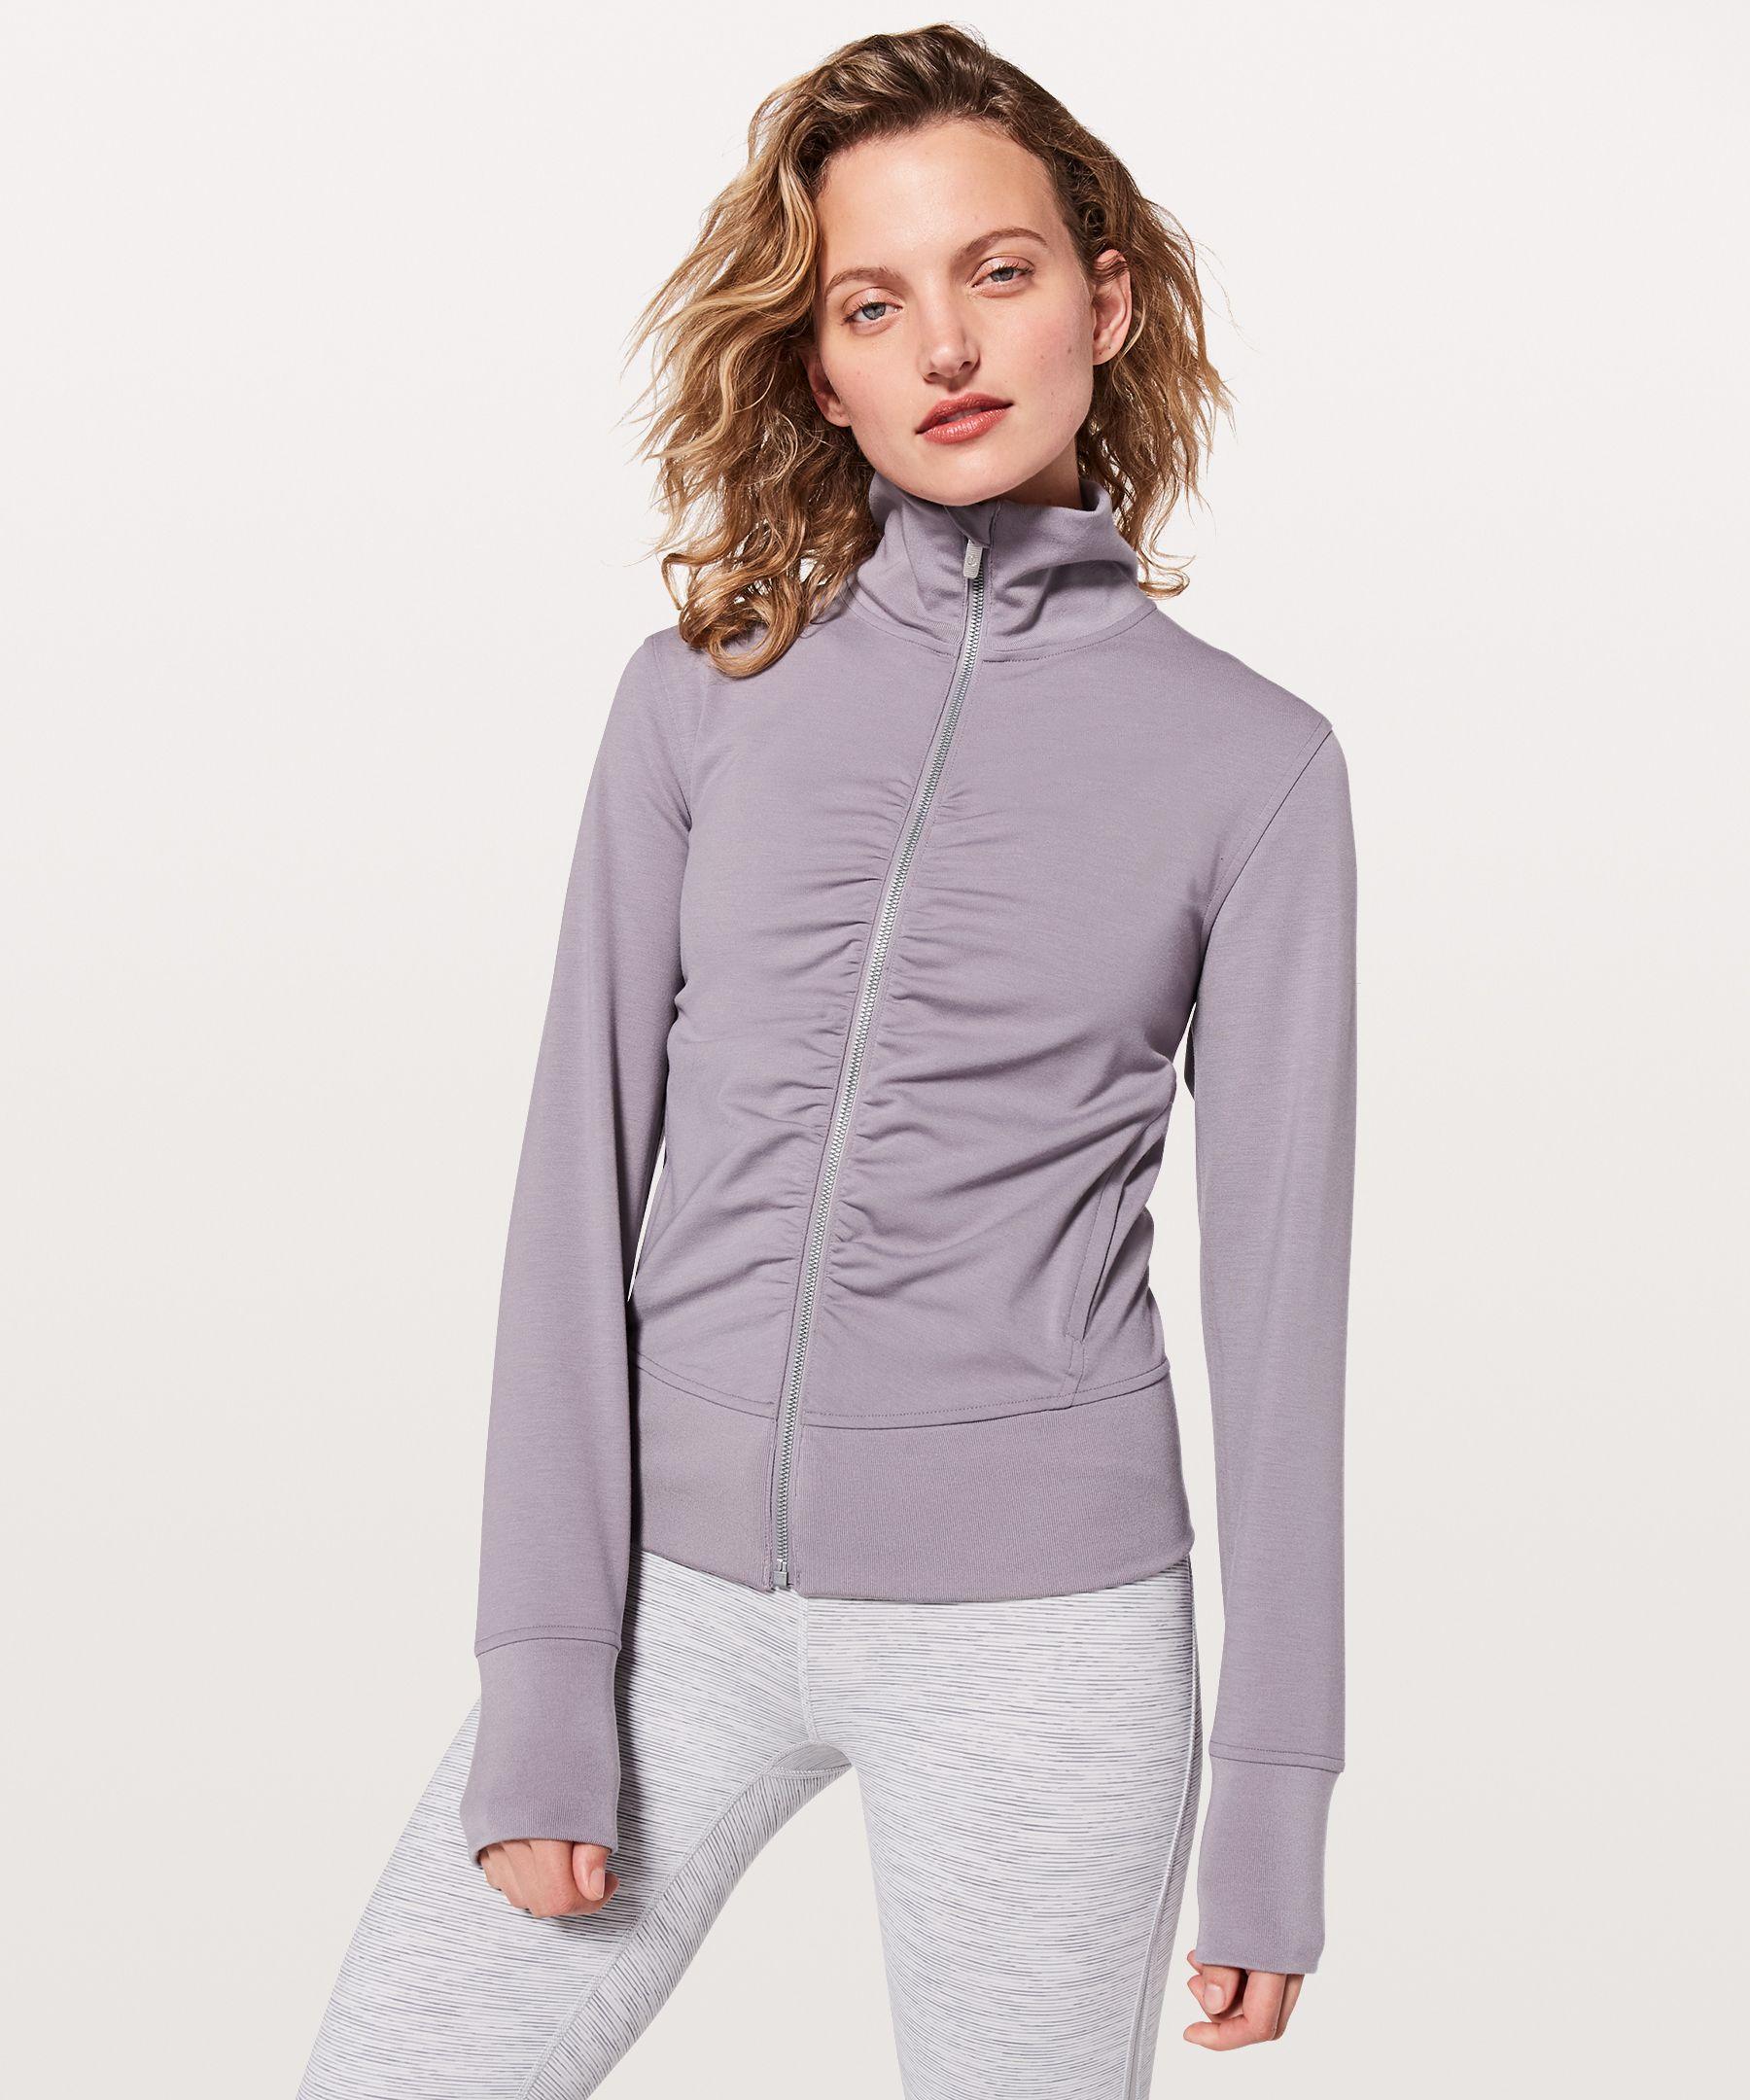 Gather Up Jacket by Lululemon